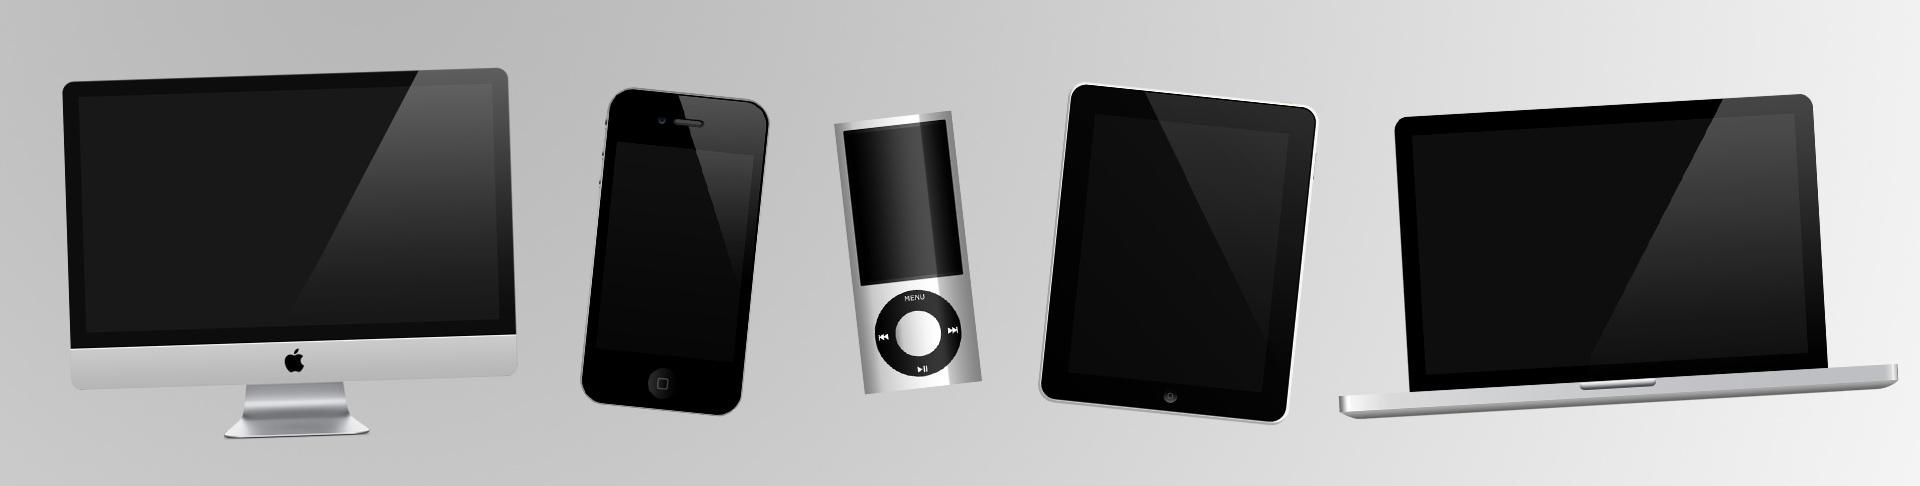 Apple développerait un service de musique en streaming pour concurrencer Spotify et Pandora